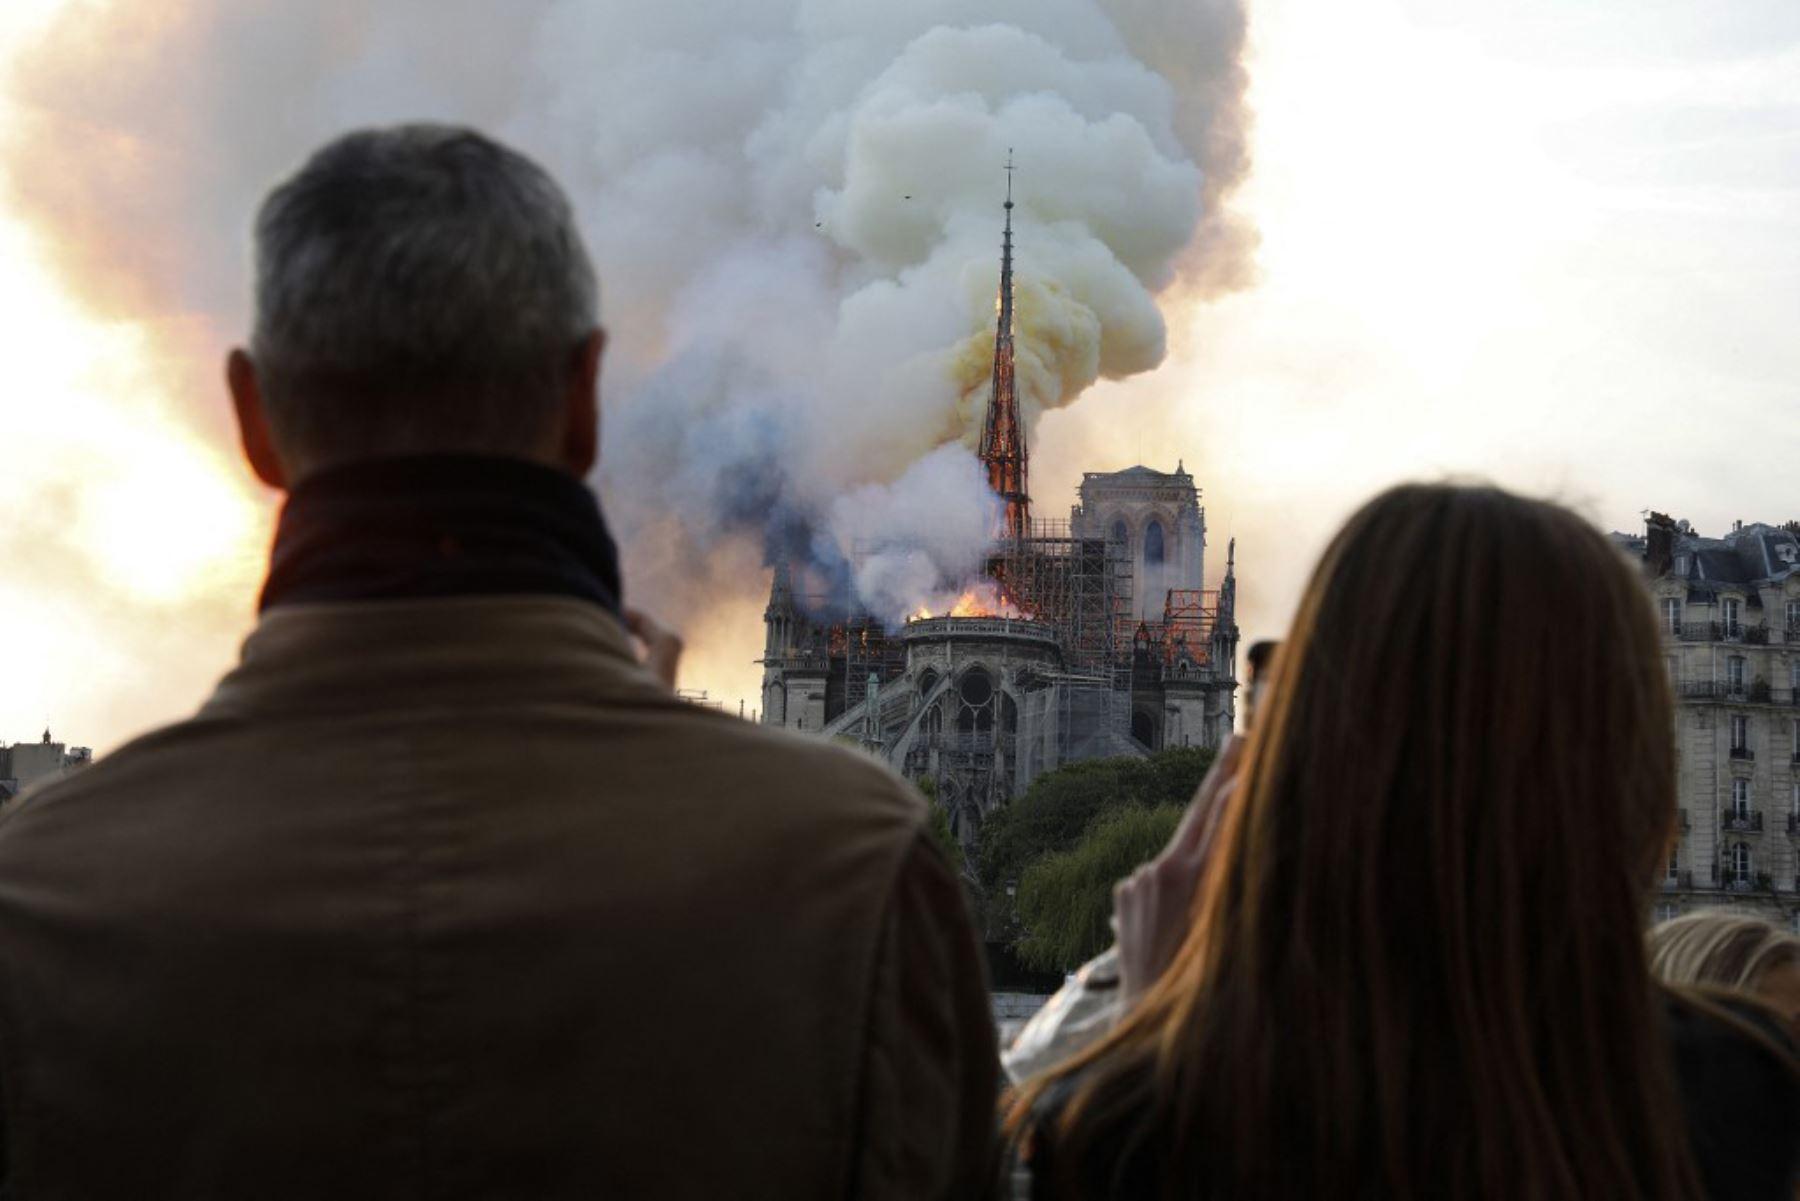 La gente reacciona al ver cómo las llamas envuelven el techo de la catedral de Notre-Dame de París en la capital francesa, París.  Foto: AFP